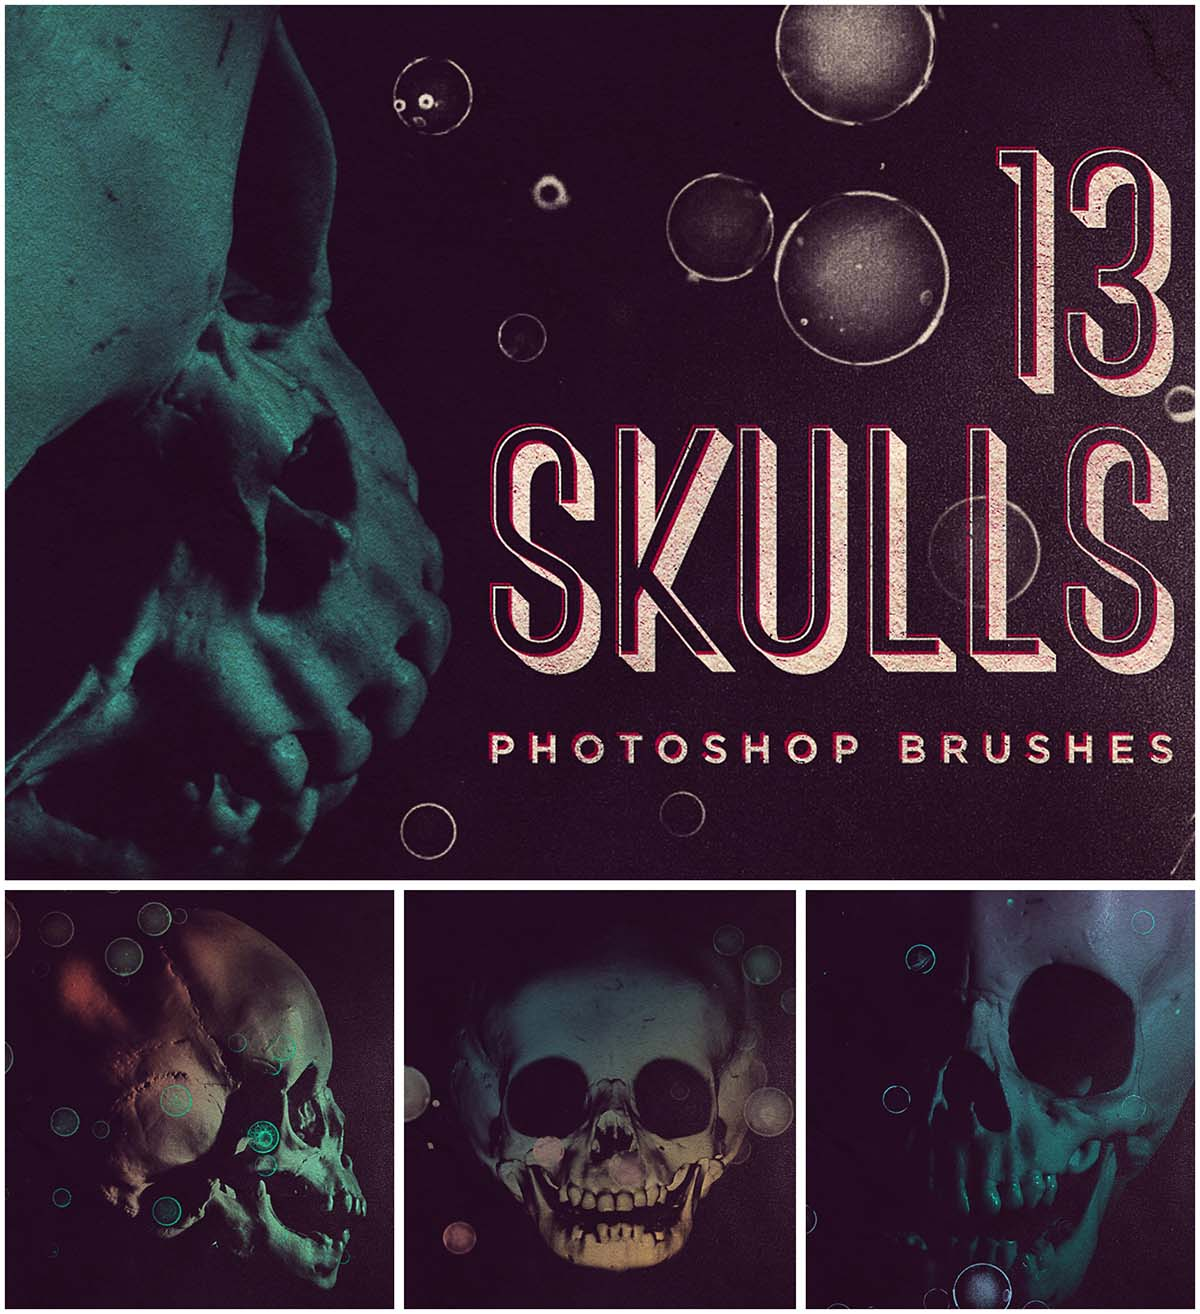 Skull brushes photoshop set